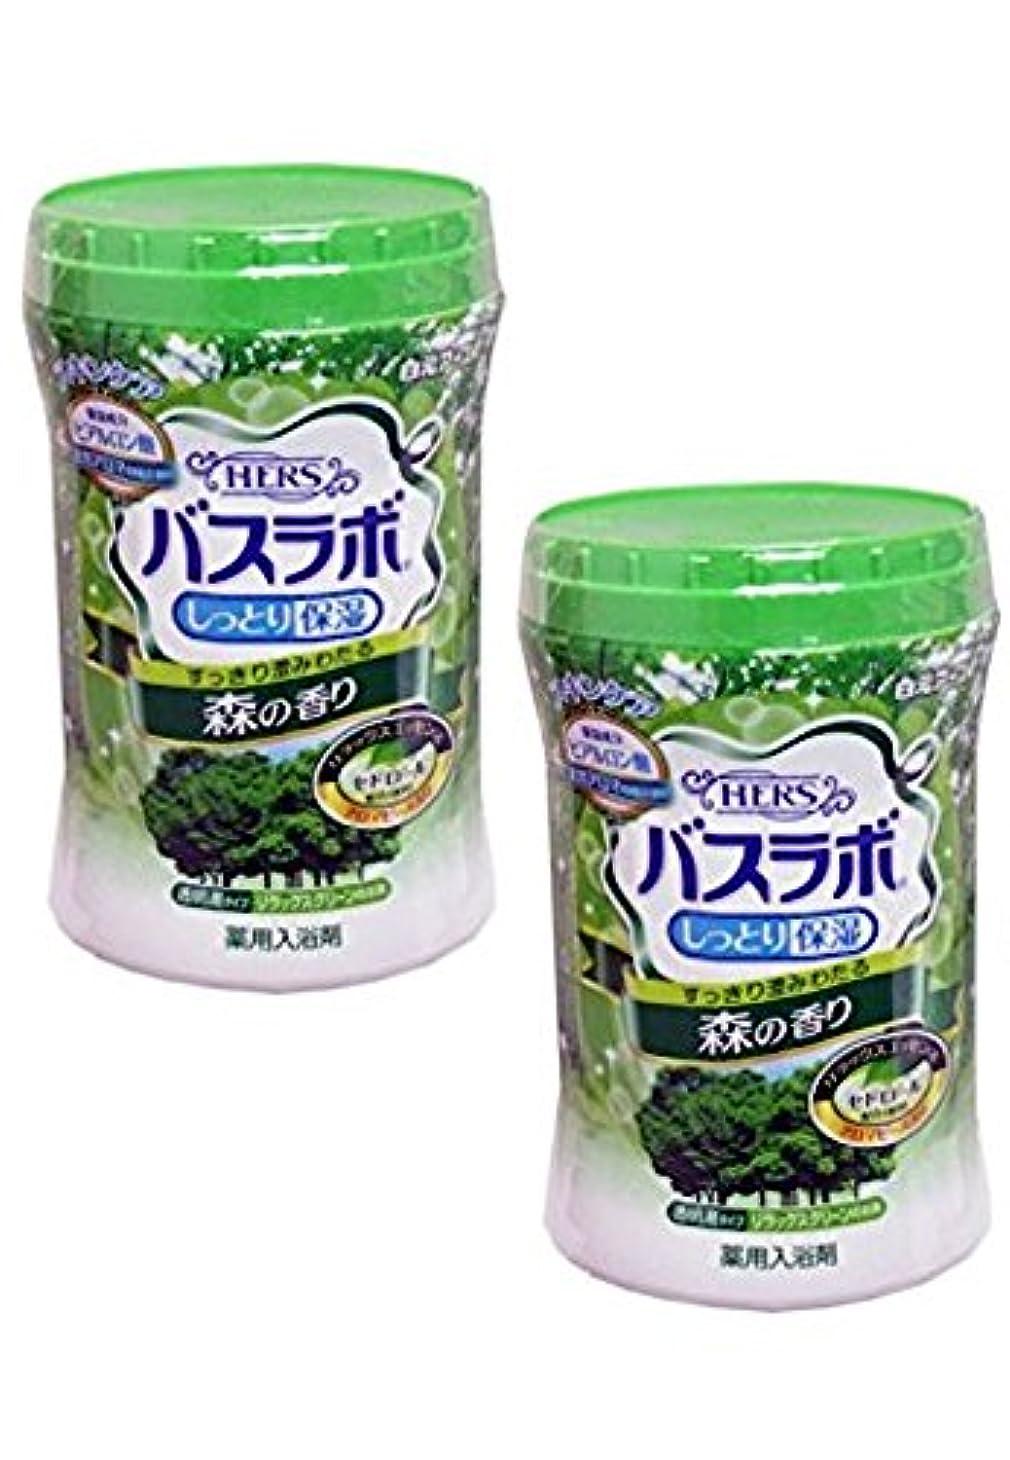 柔和手錠マサッチョバスラボ しっとり保湿 薬用入浴剤 森の香り 680g 2個 [並行輸入品]